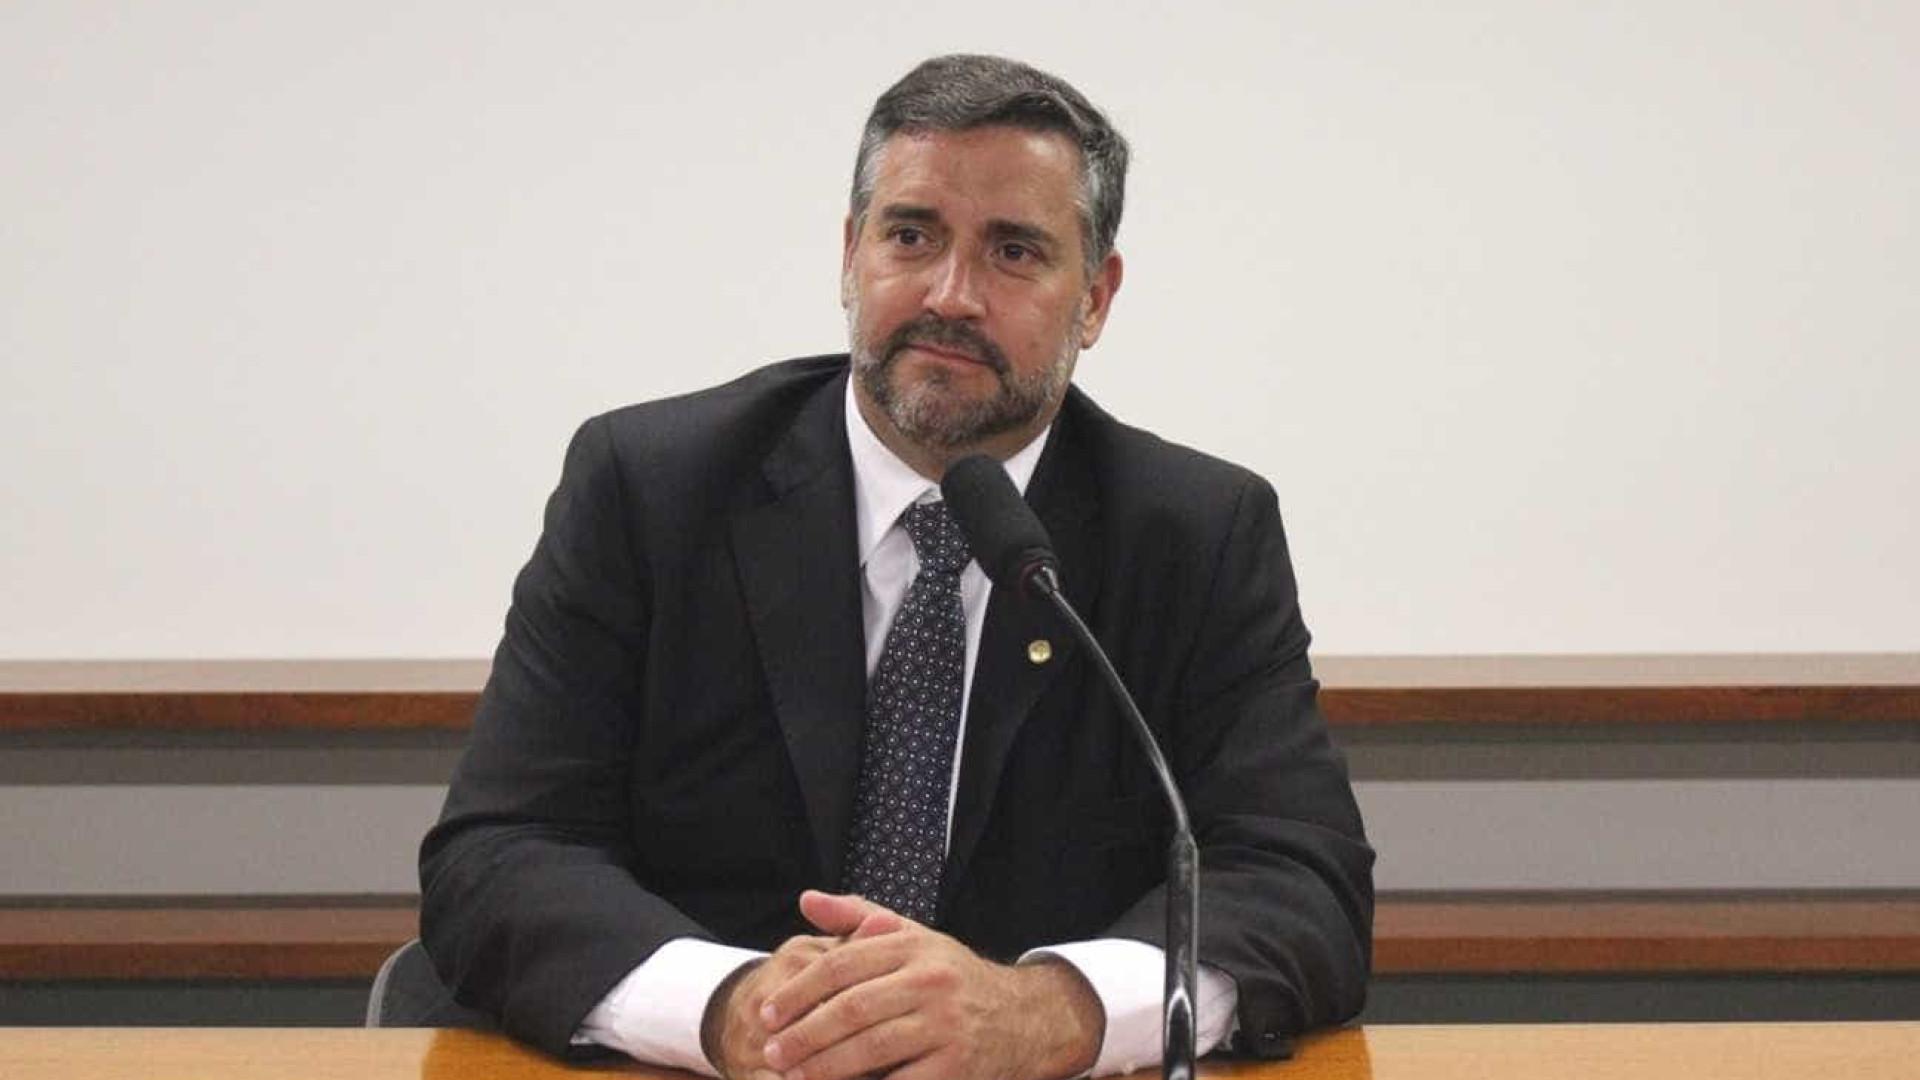 Ciro precisa de espírito democrático e menos vaidade, diz líder do PT